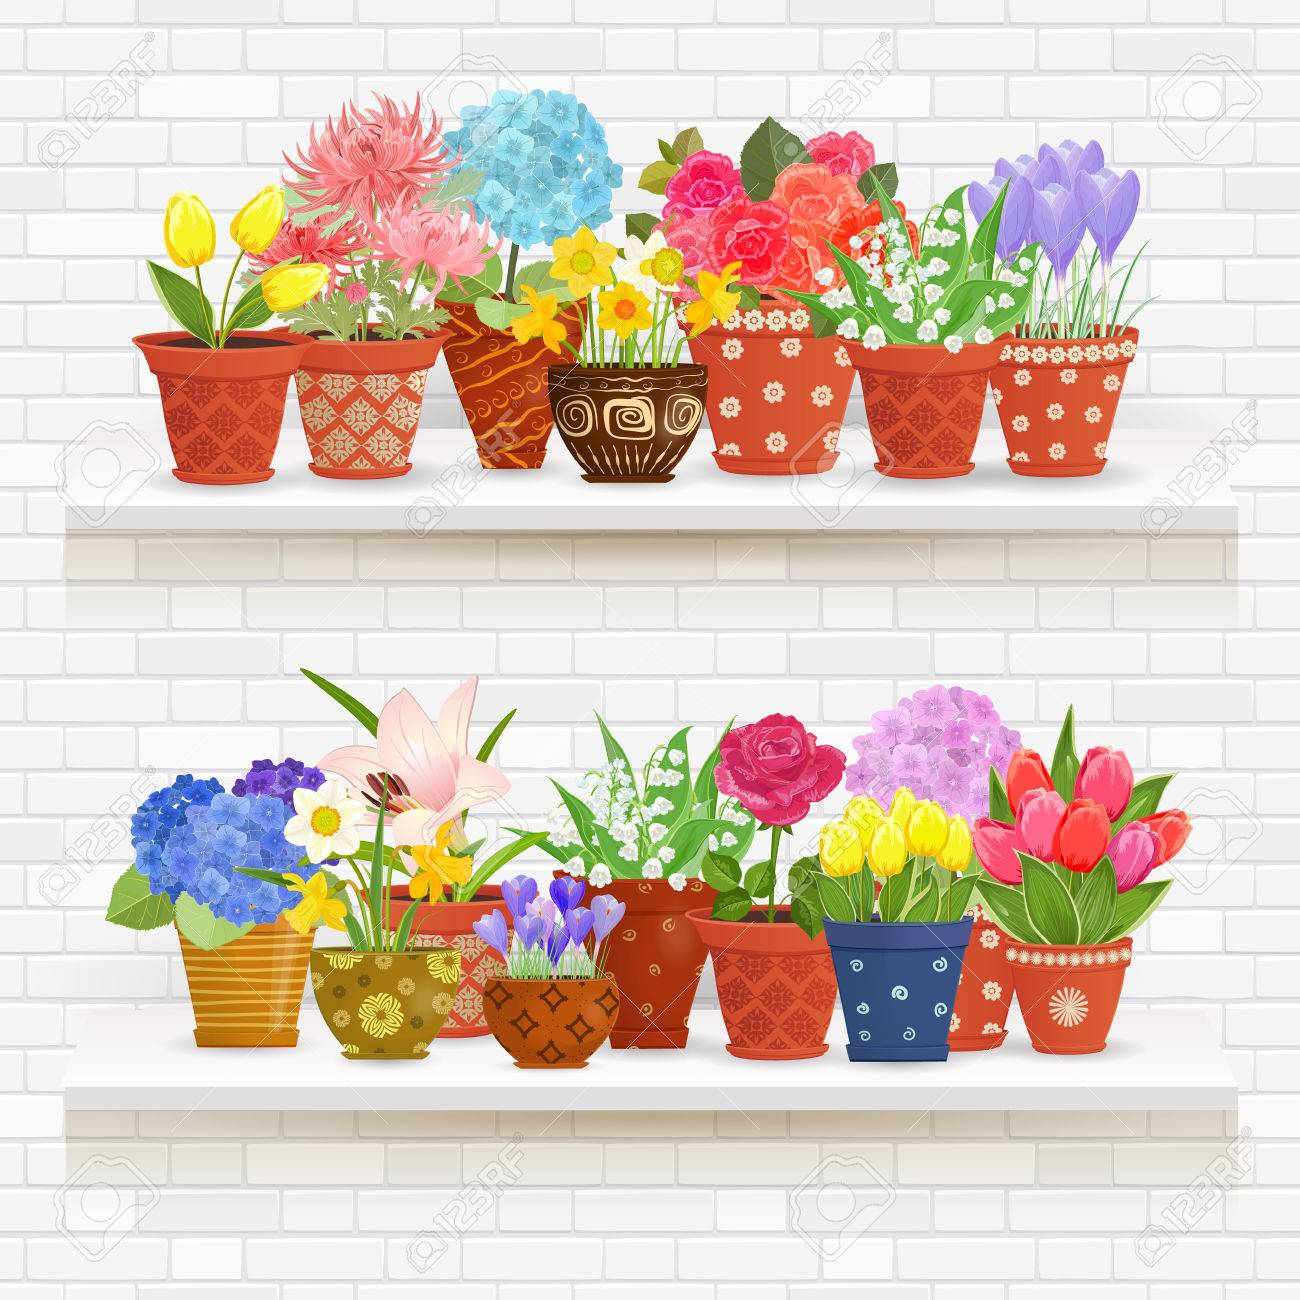 étagères Sur Un Mur De Brique Blanche Avec De Belles Fleurs Plantées ...